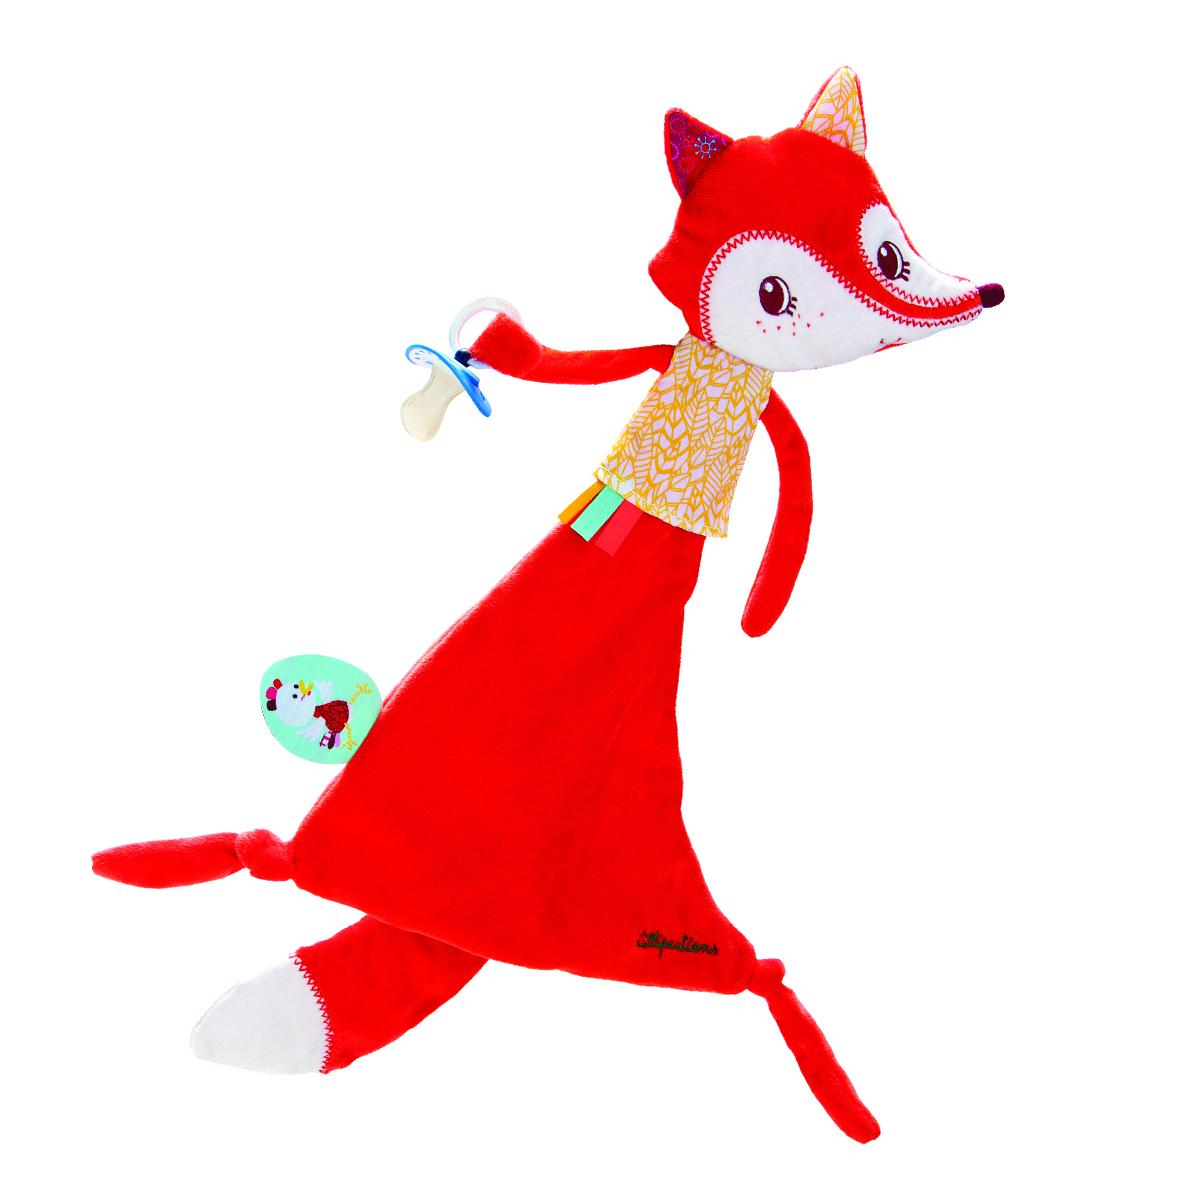 Lilliputiens Игрушка-обнимашка Лиса Алиса с держателем для пустышки набор для вышивания лиса 12 х12 см алиса алиса